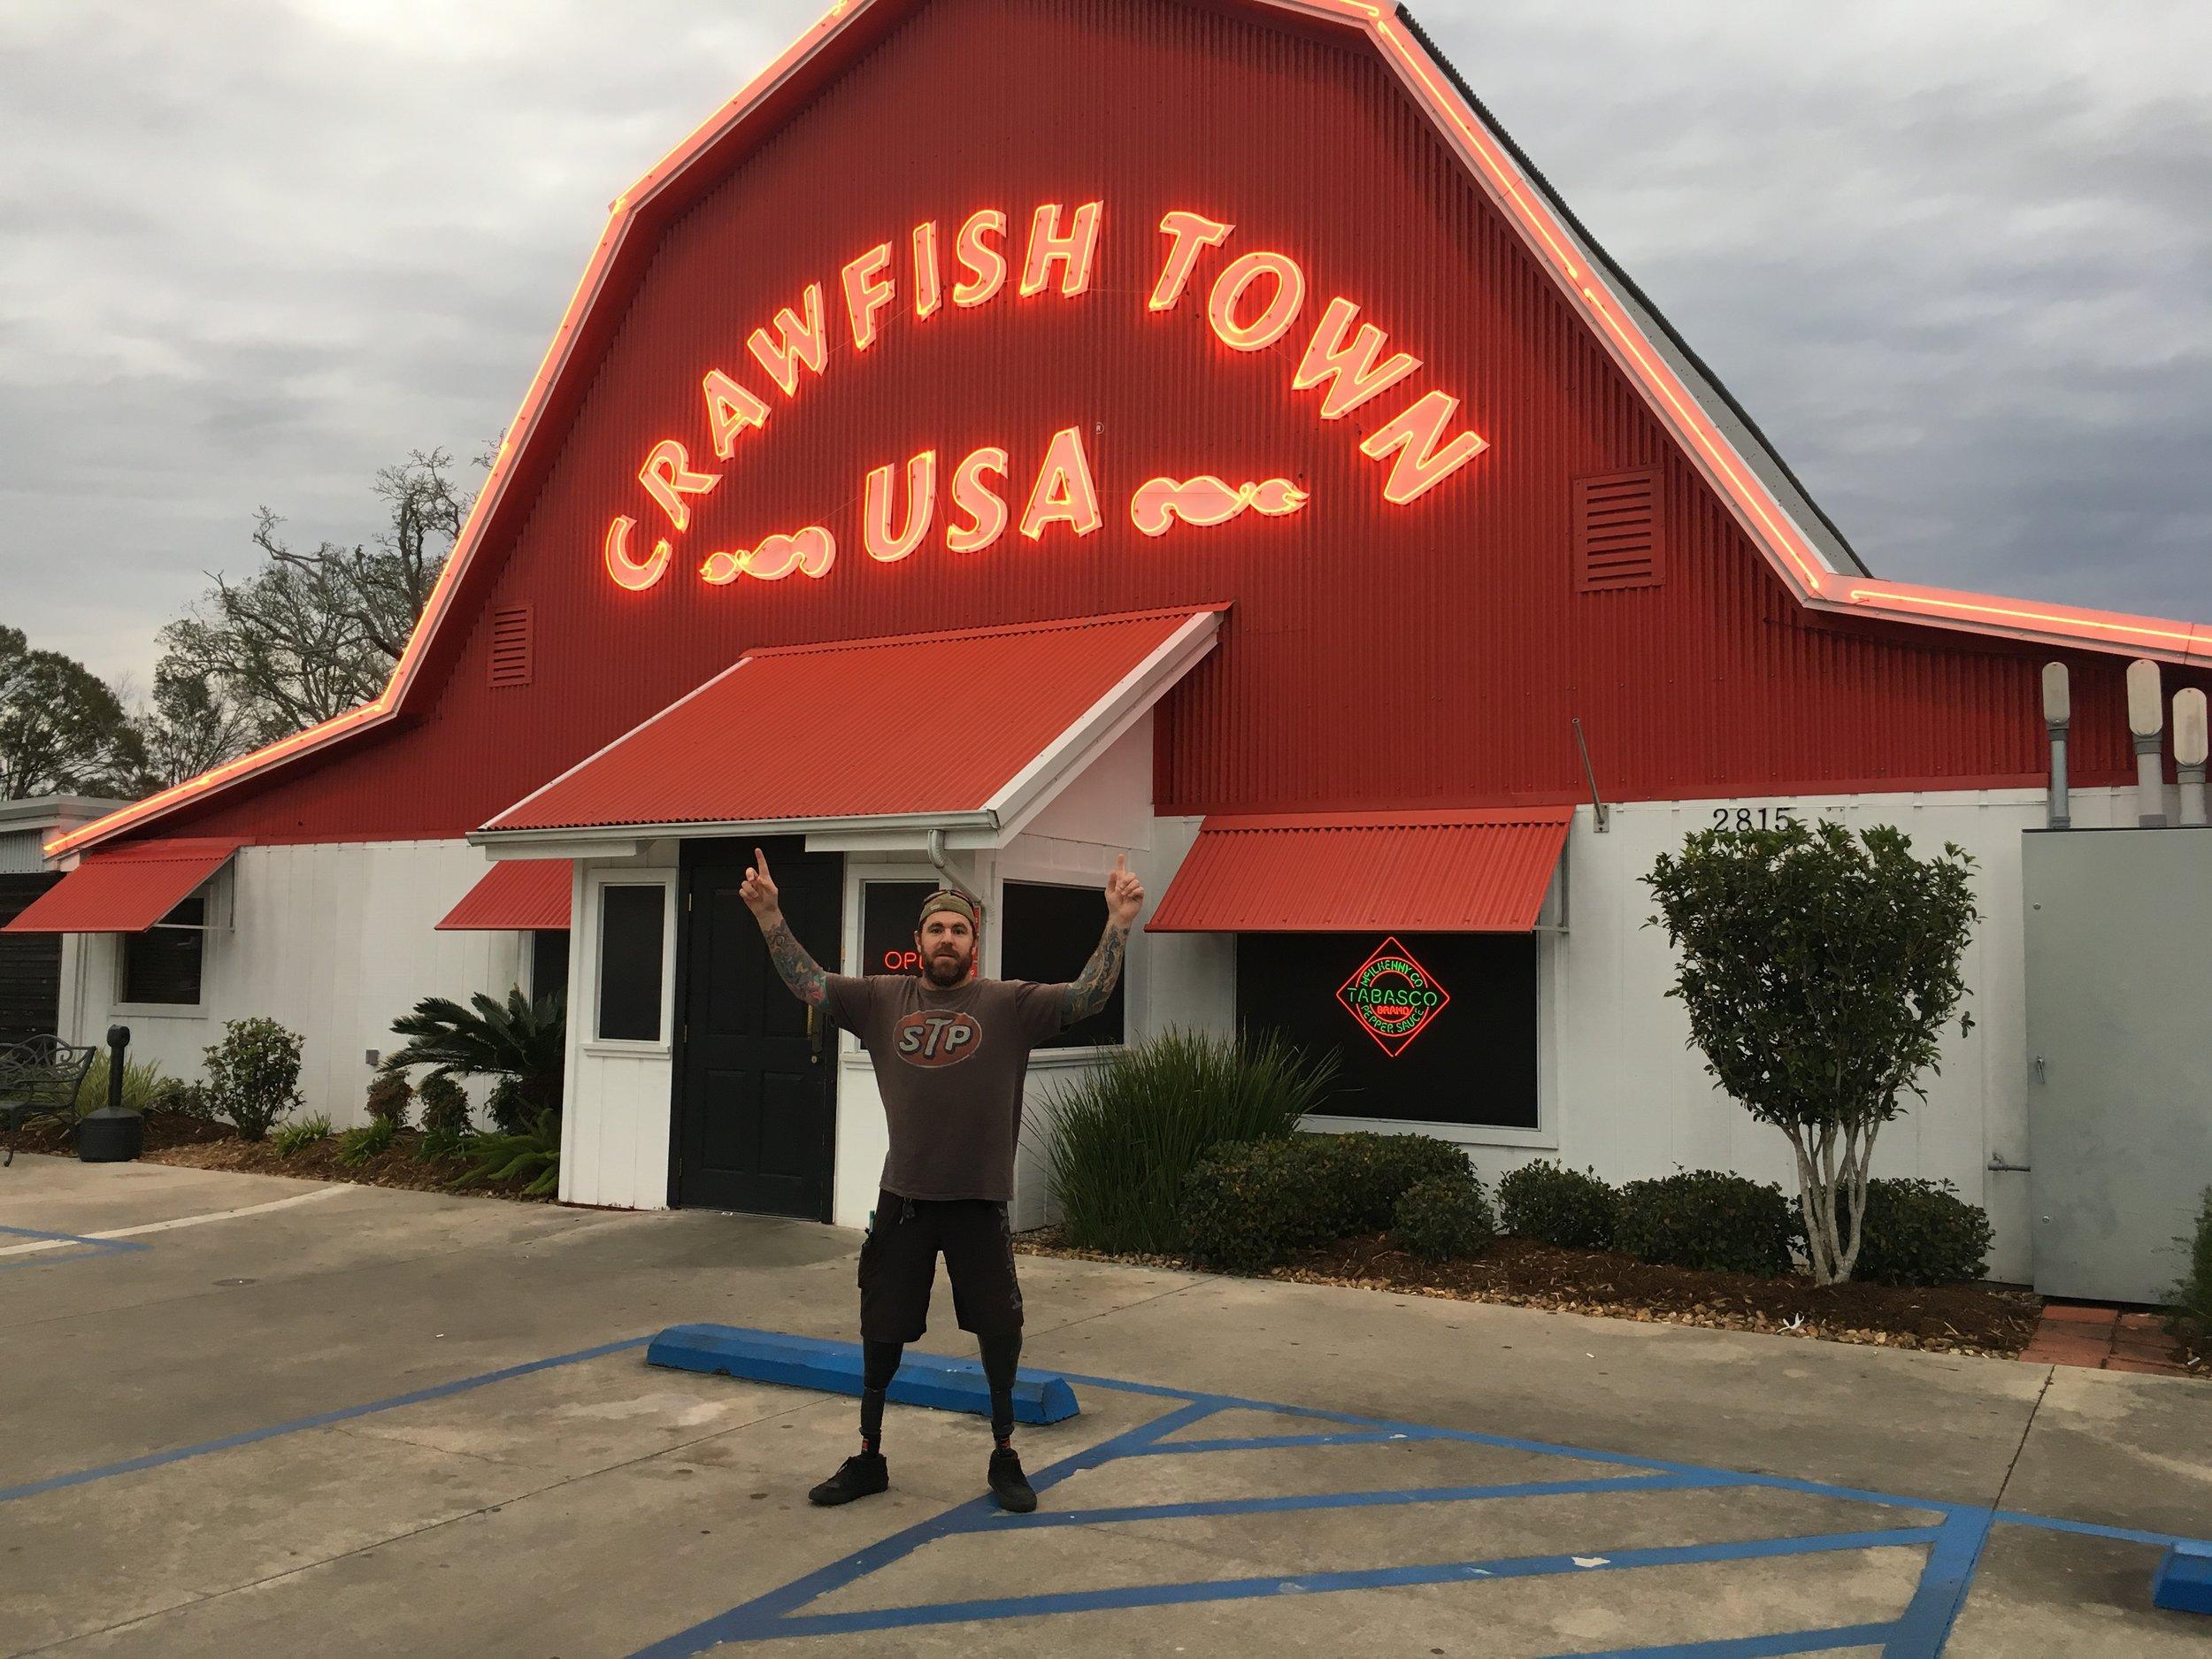 Being a tourist!